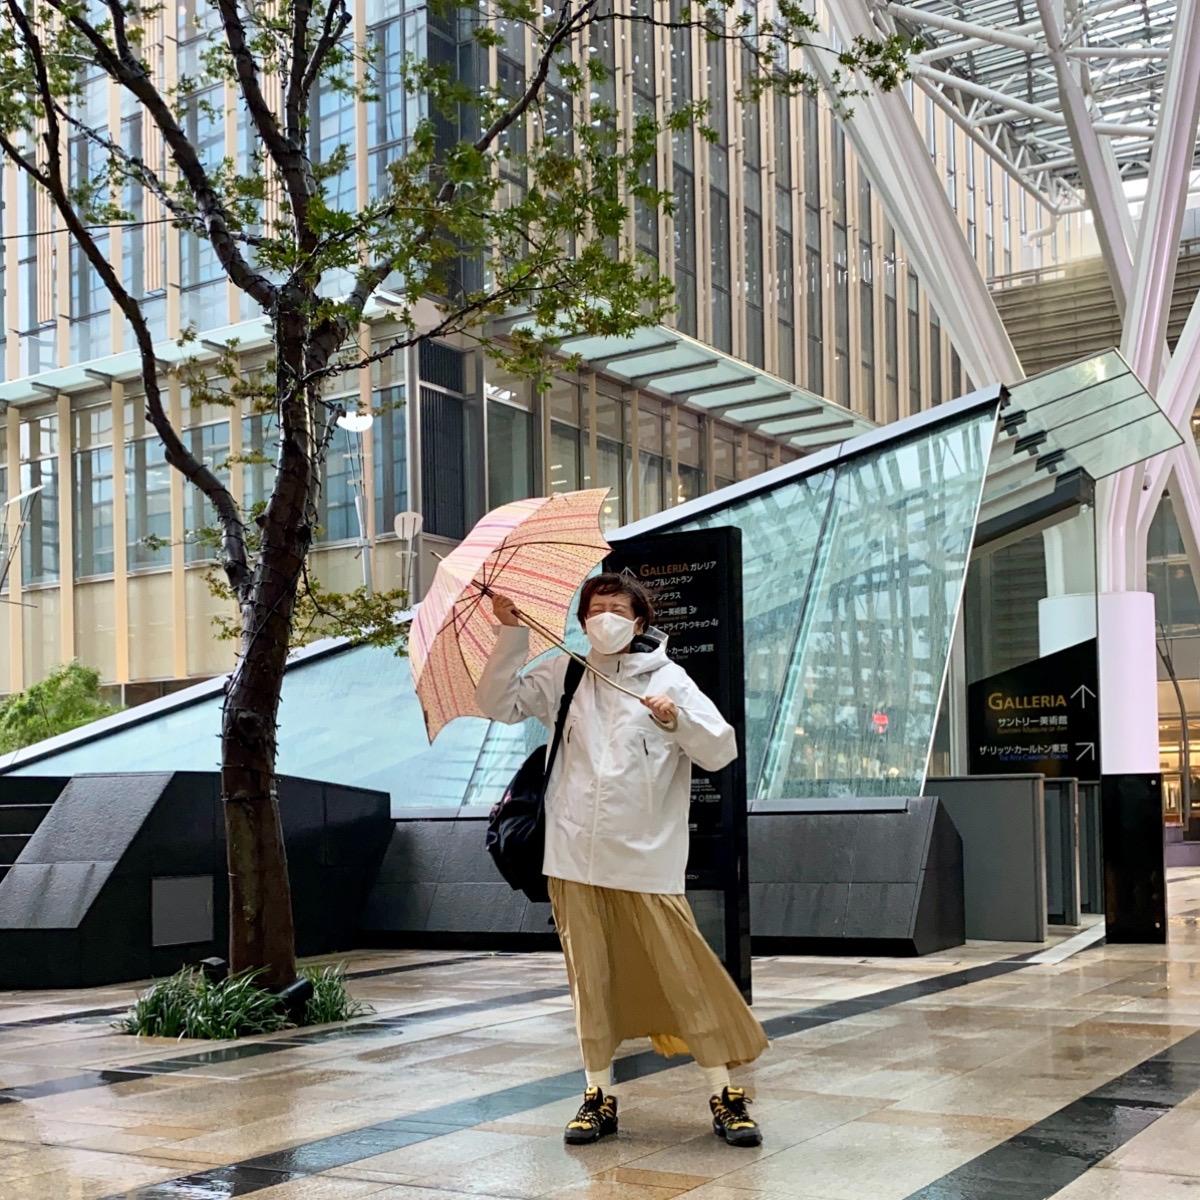 ワークマンの撥水ライトプリーツスカート、台風や大雨の日のコーデ